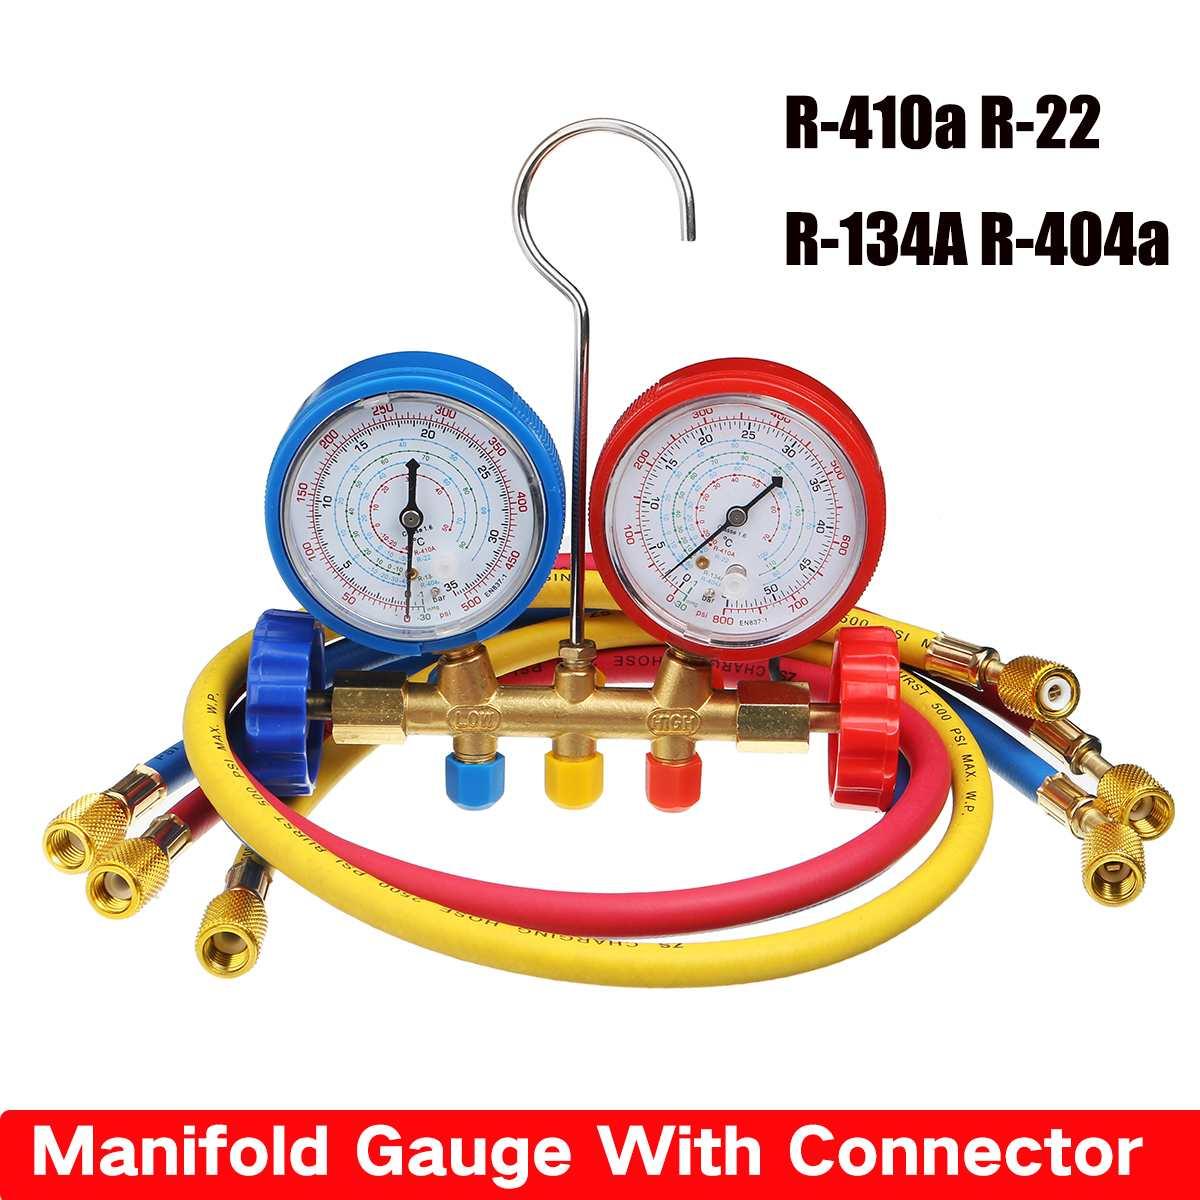 TB-HAVC Manifold Gauge Singel Gauge for R410 R22 R134a R404A